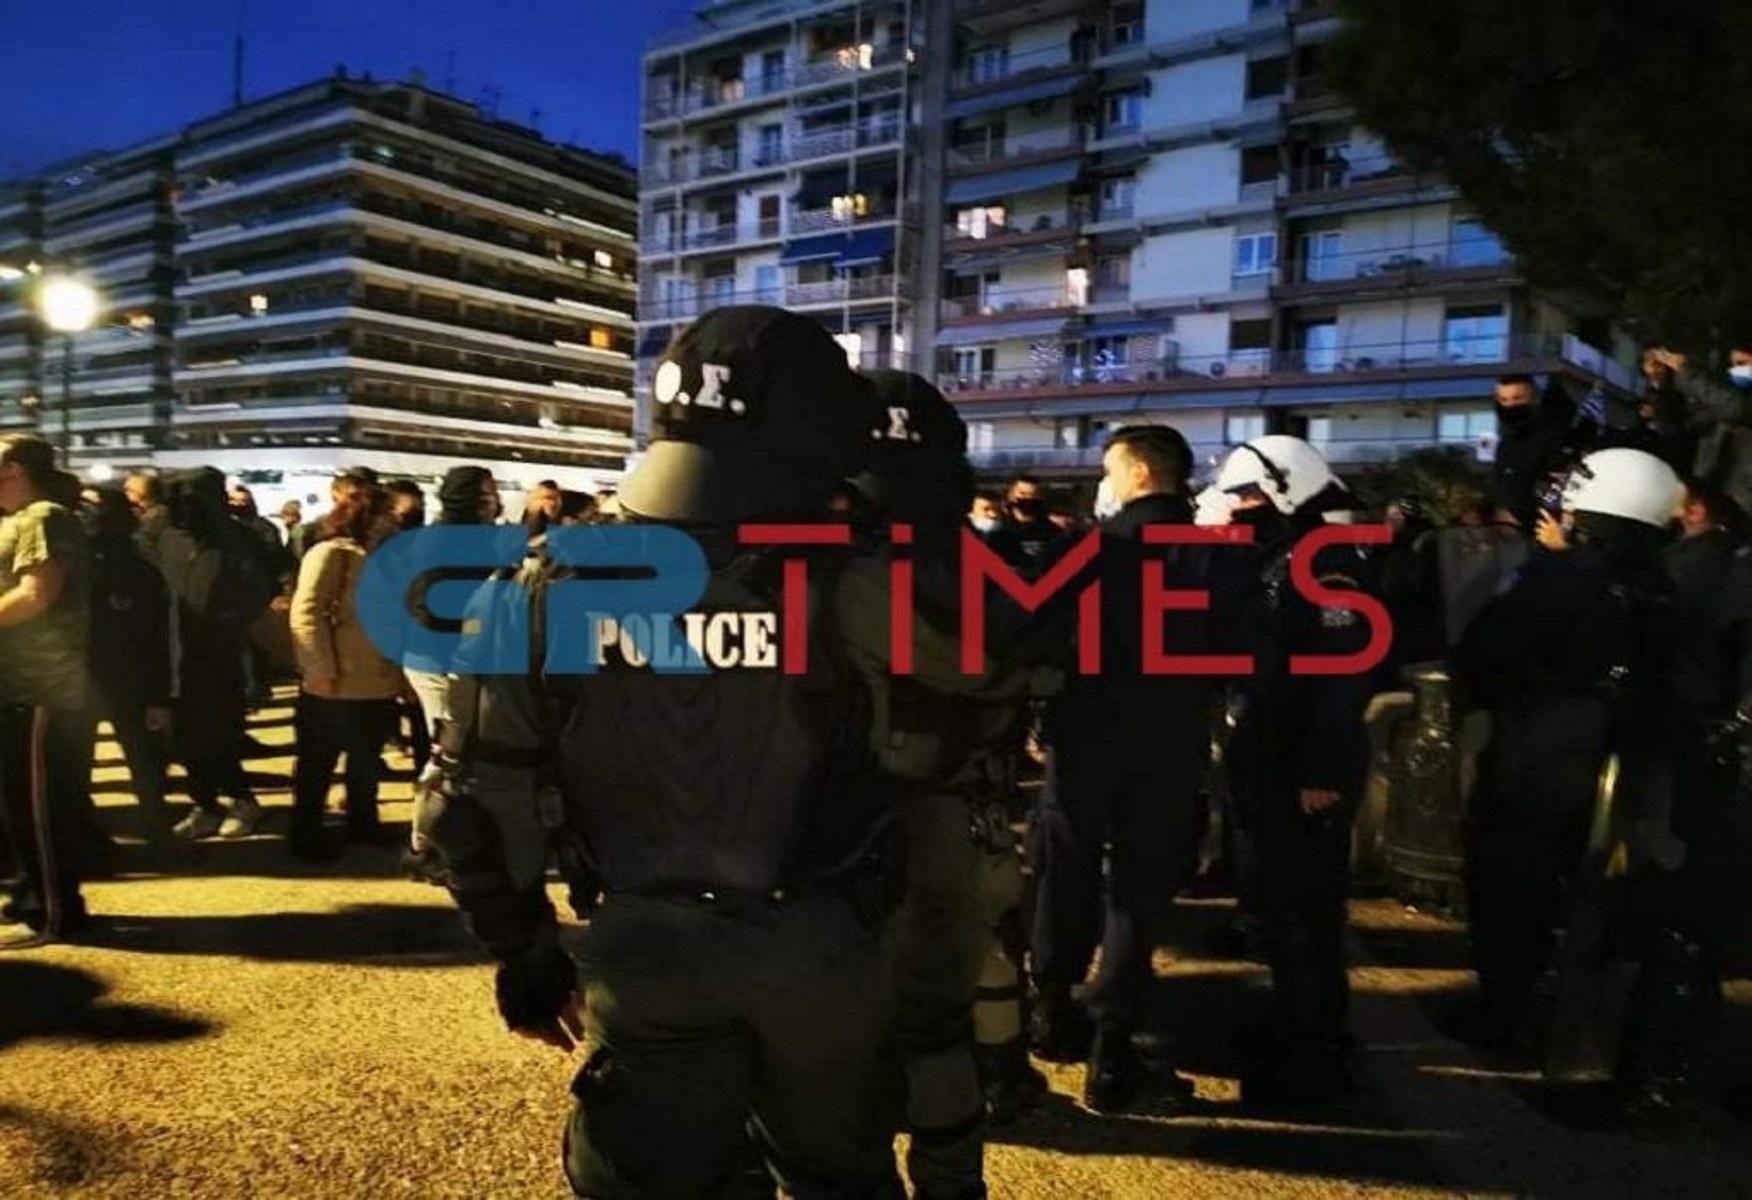 Θεσσαλονίκη: Επεισόδια σε συγκέντρωση κατά του lockdown – Χημικά, κυνηγητό και τραυματισμός αστυνομικού